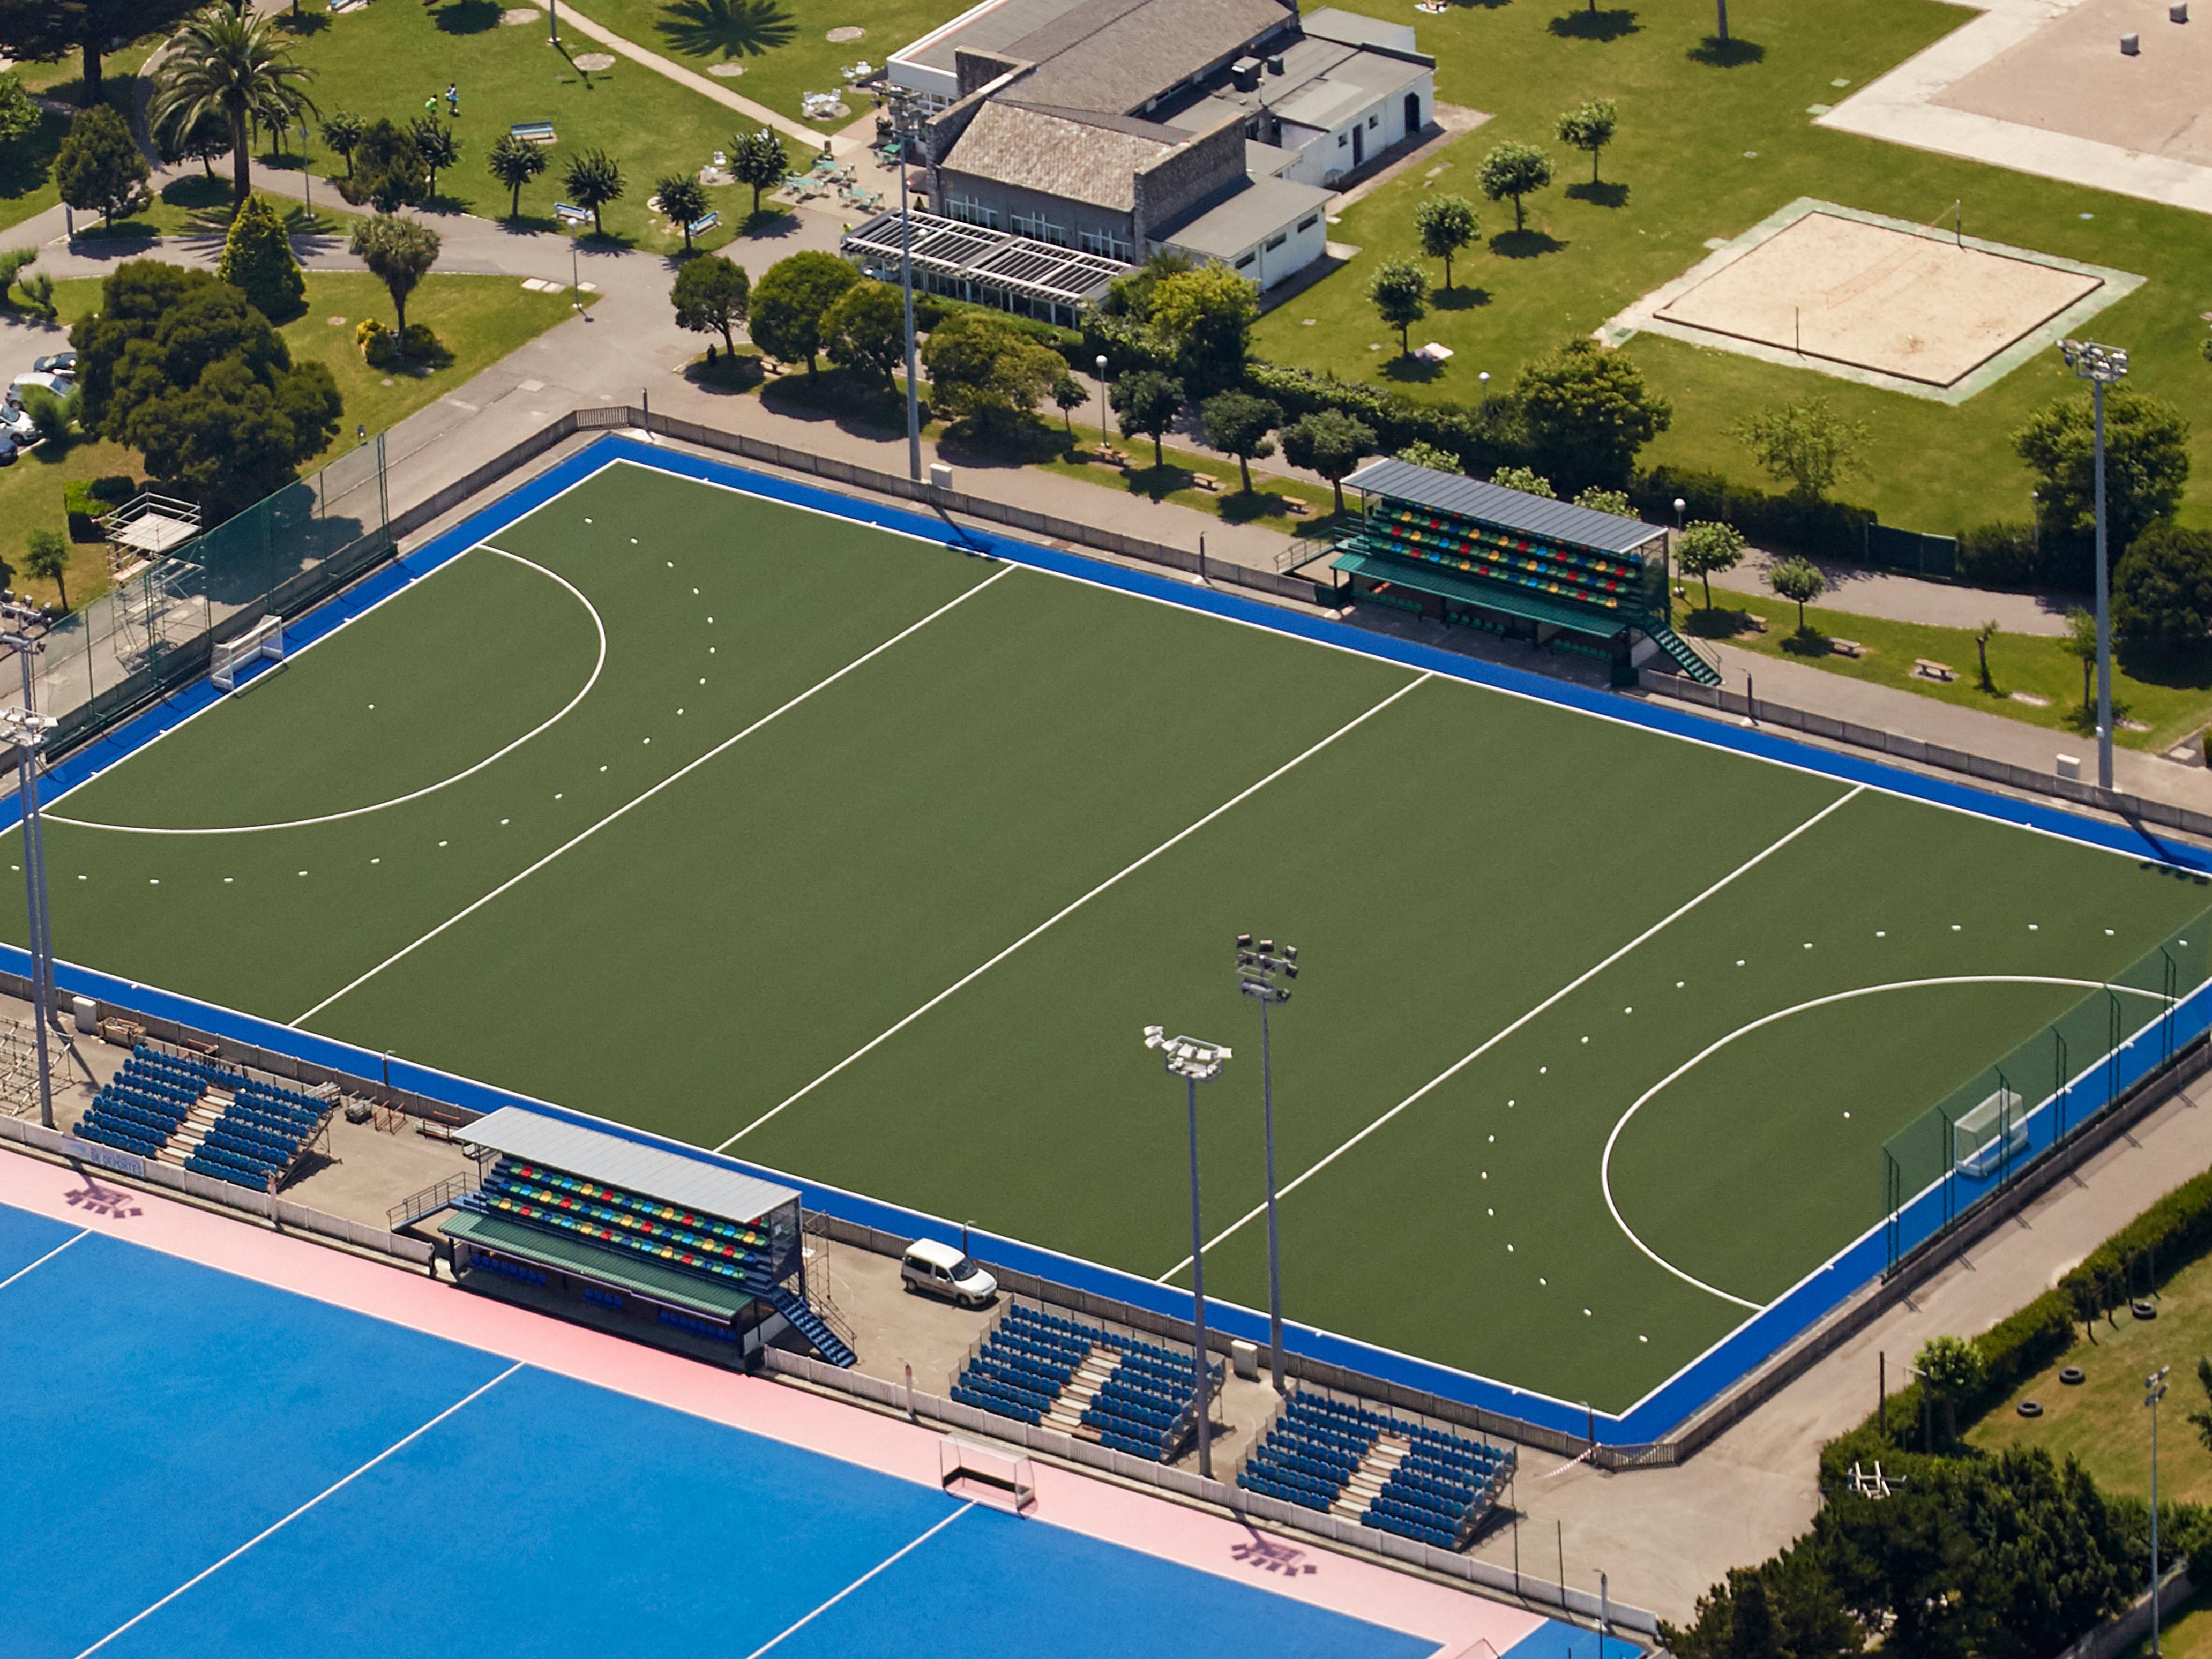 Campo de Hockey en el C.D. Ruth Beitia, Santander Image